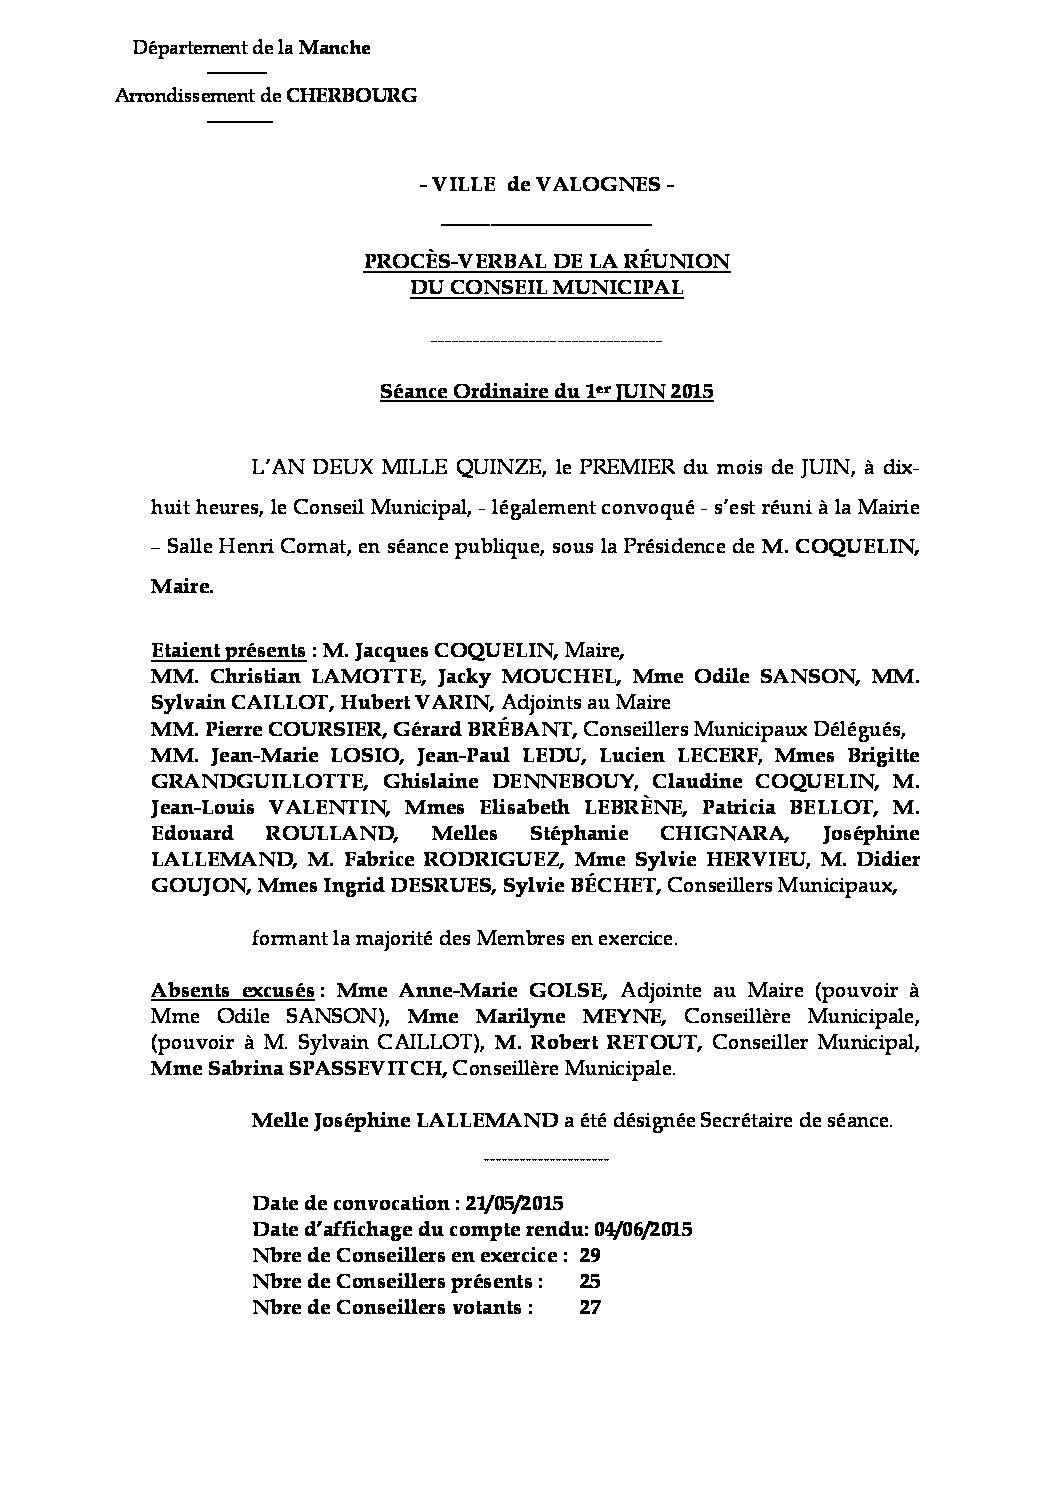 Procès-verbal du 01-06-2015 - Procès-verbal de la réunion du Conseil Municipal du 1er juin 2015, approuvé lors de la séance du 28 septembre 2015.